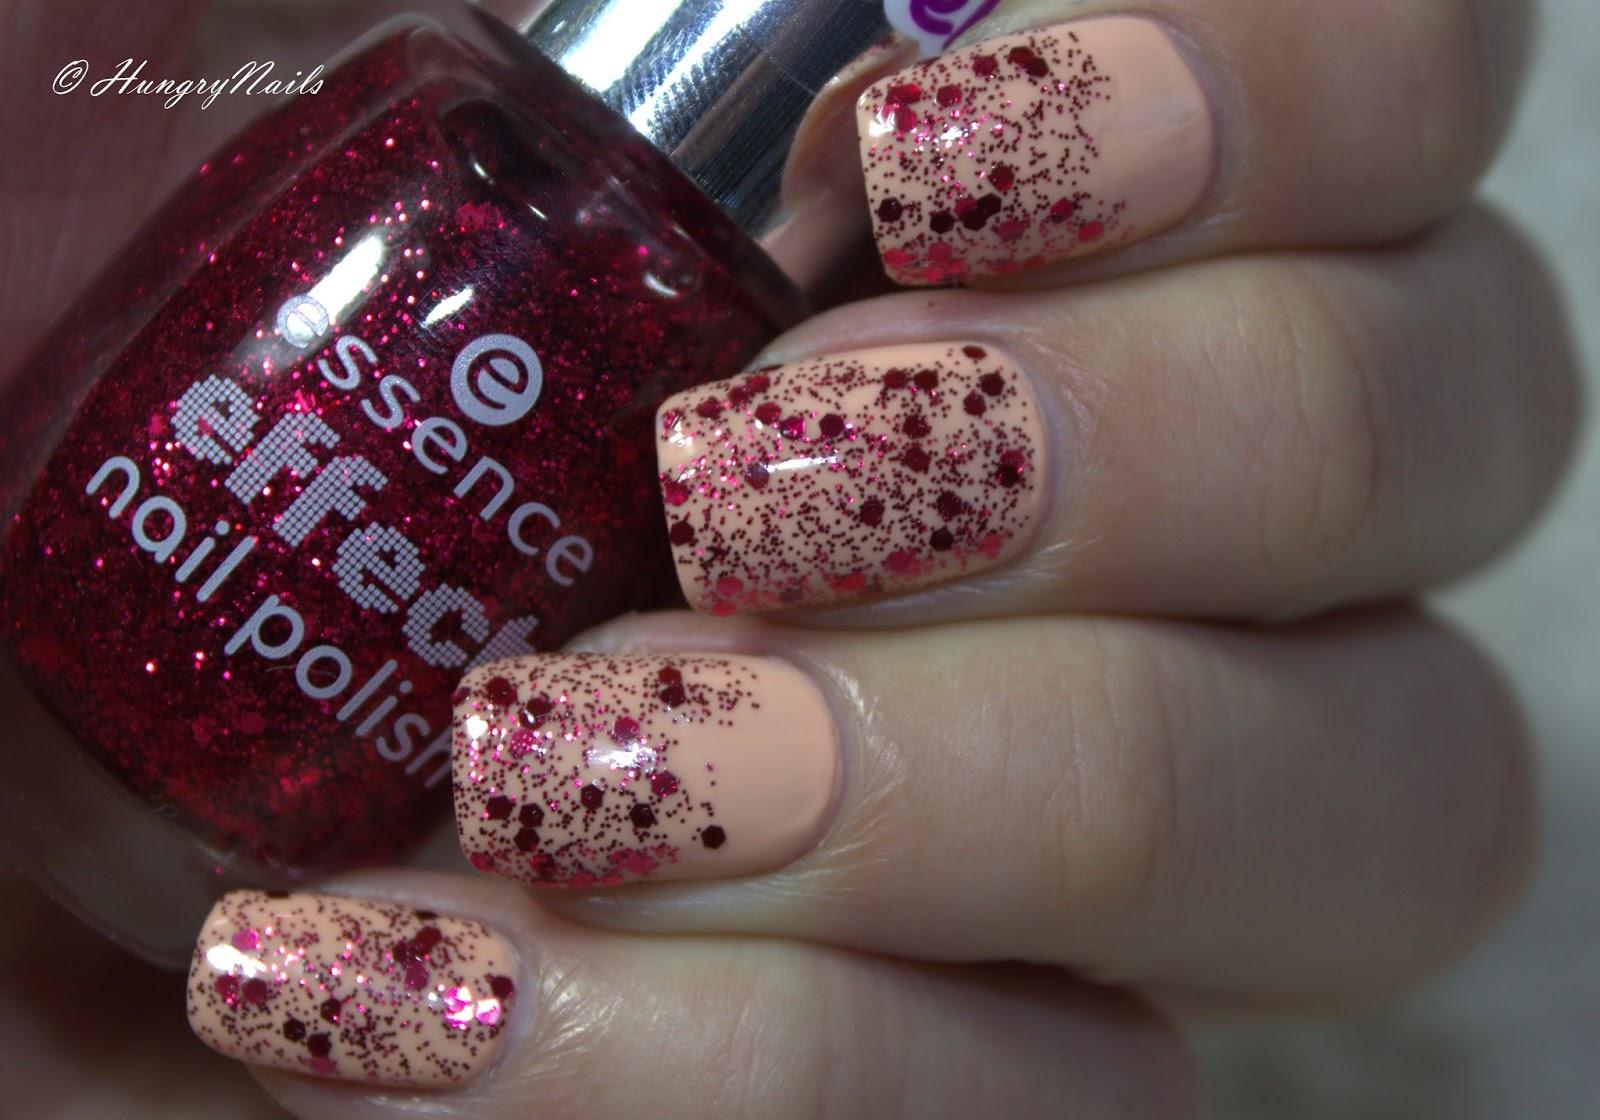 http://hungrynails.blogspot.de/2015/01/lacke-in-farbe-und-bunt-apricot.html